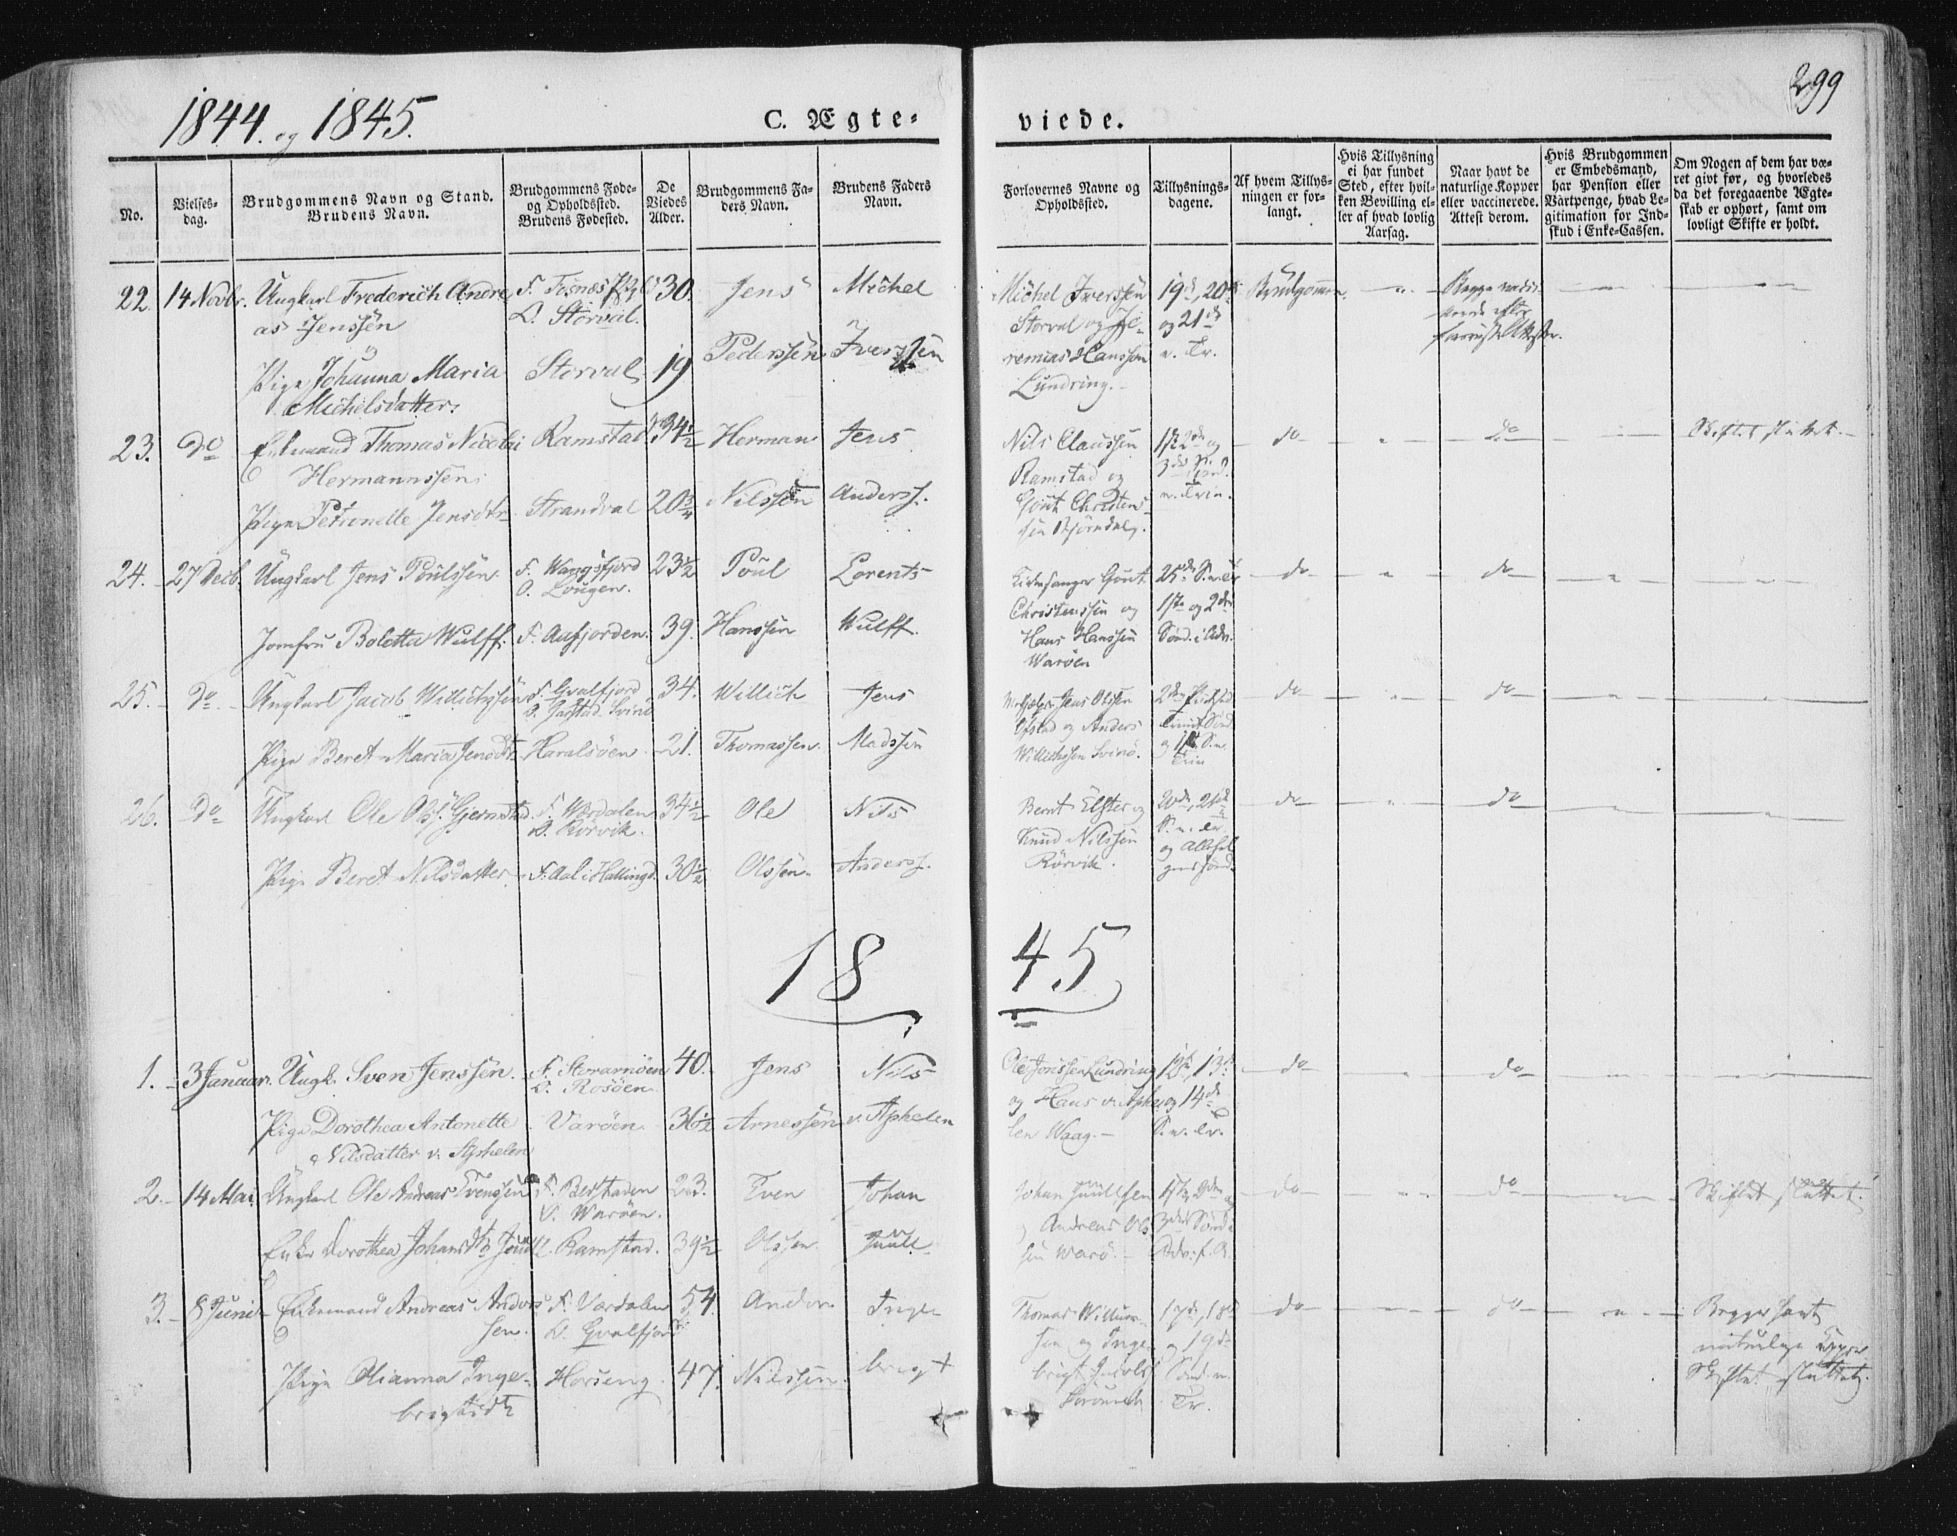 SAT, Ministerialprotokoller, klokkerbøker og fødselsregistre - Nord-Trøndelag, 784/L0669: Ministerialbok nr. 784A04, 1829-1859, s. 299